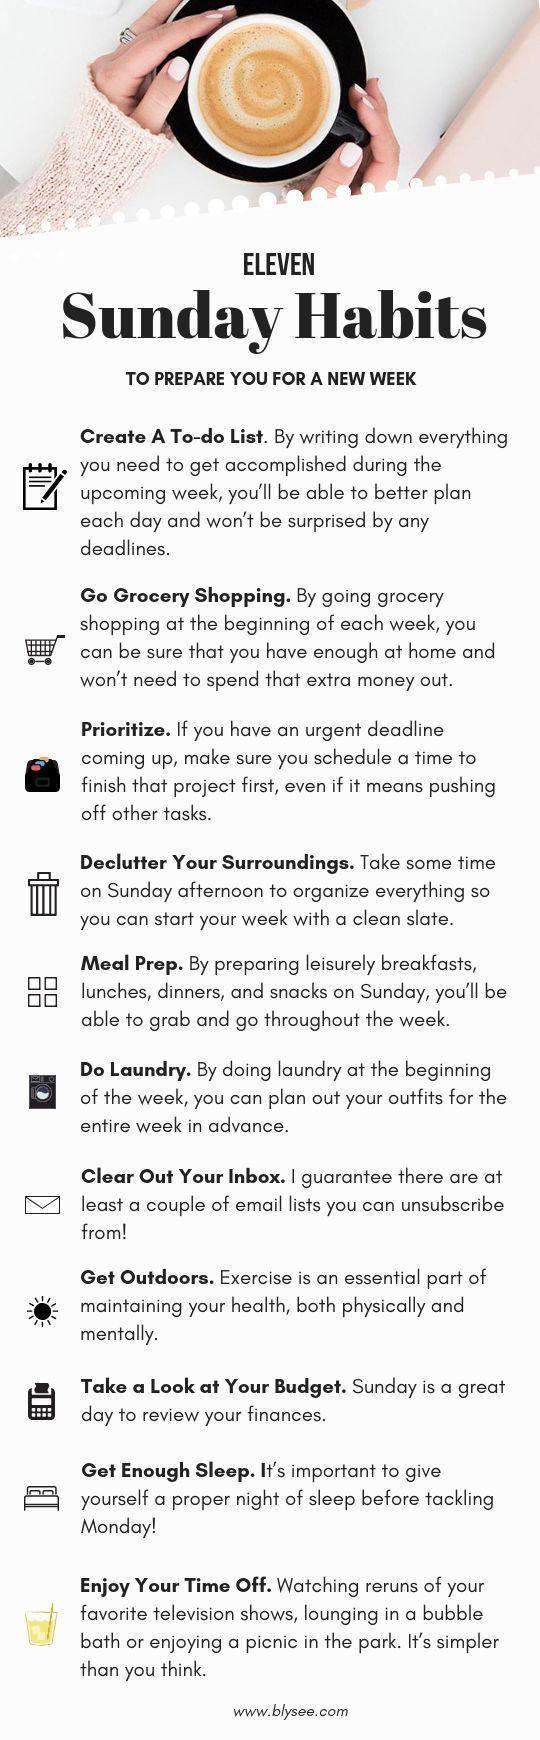 11 Dinge am Sonntag für eine bessere Woche